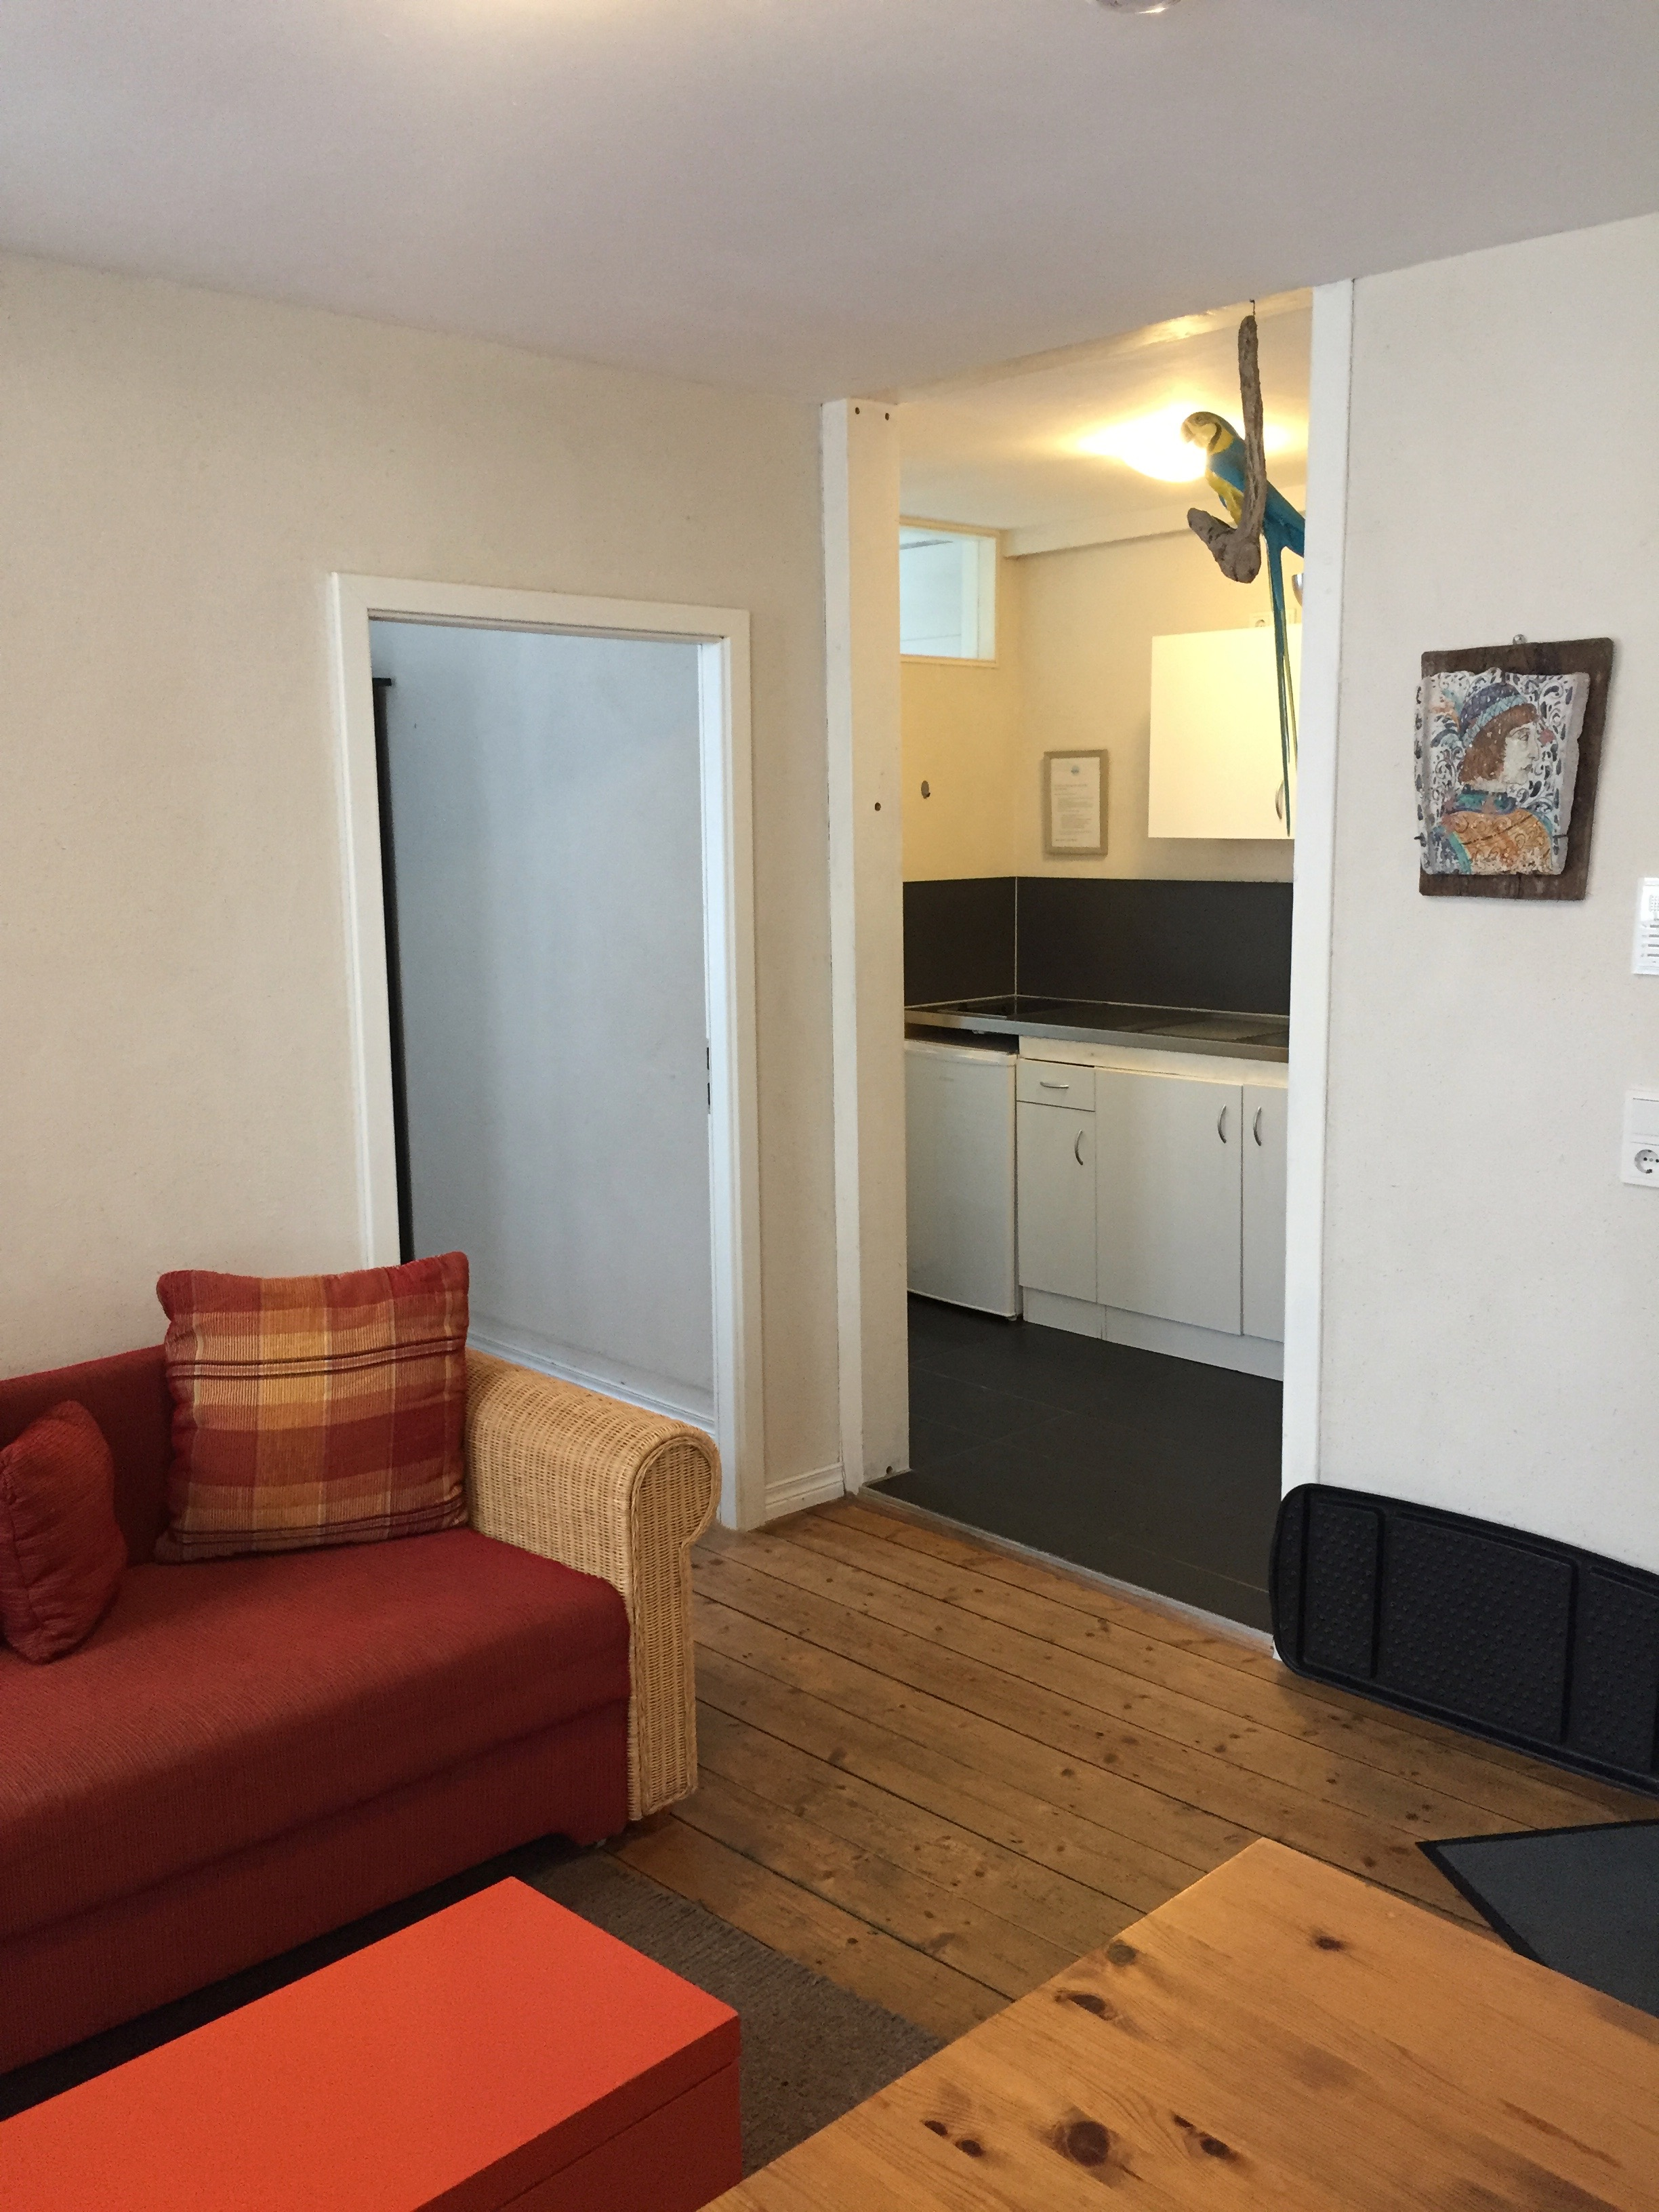 Wohnzimmer k che ferienwohnungen konstanz und insel for Wohnzimmer 45qm